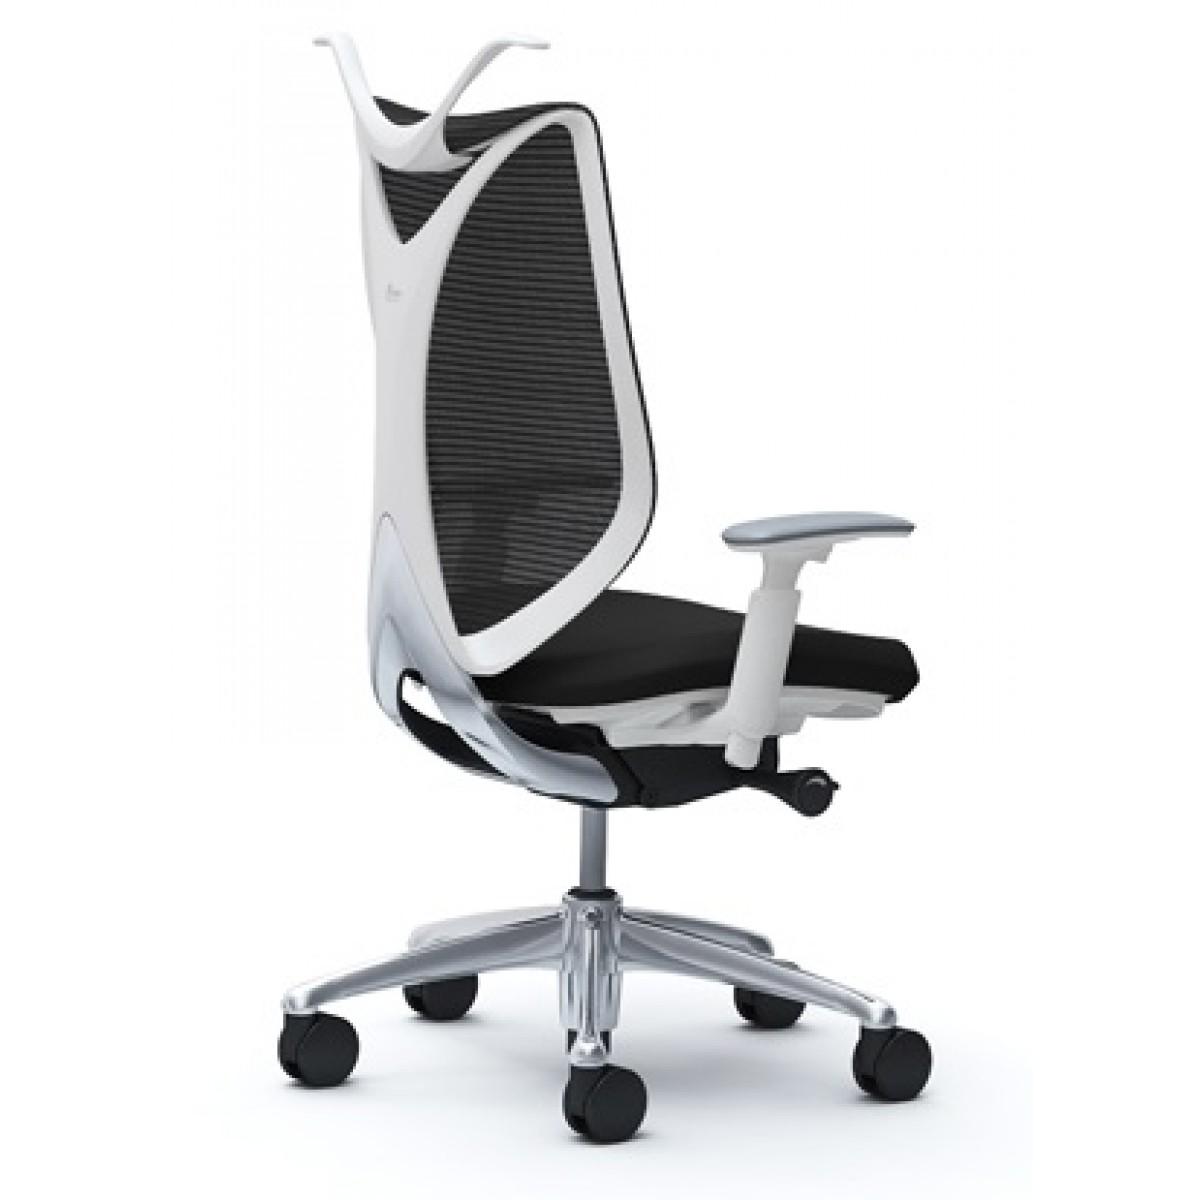 Teknion sabrina chair